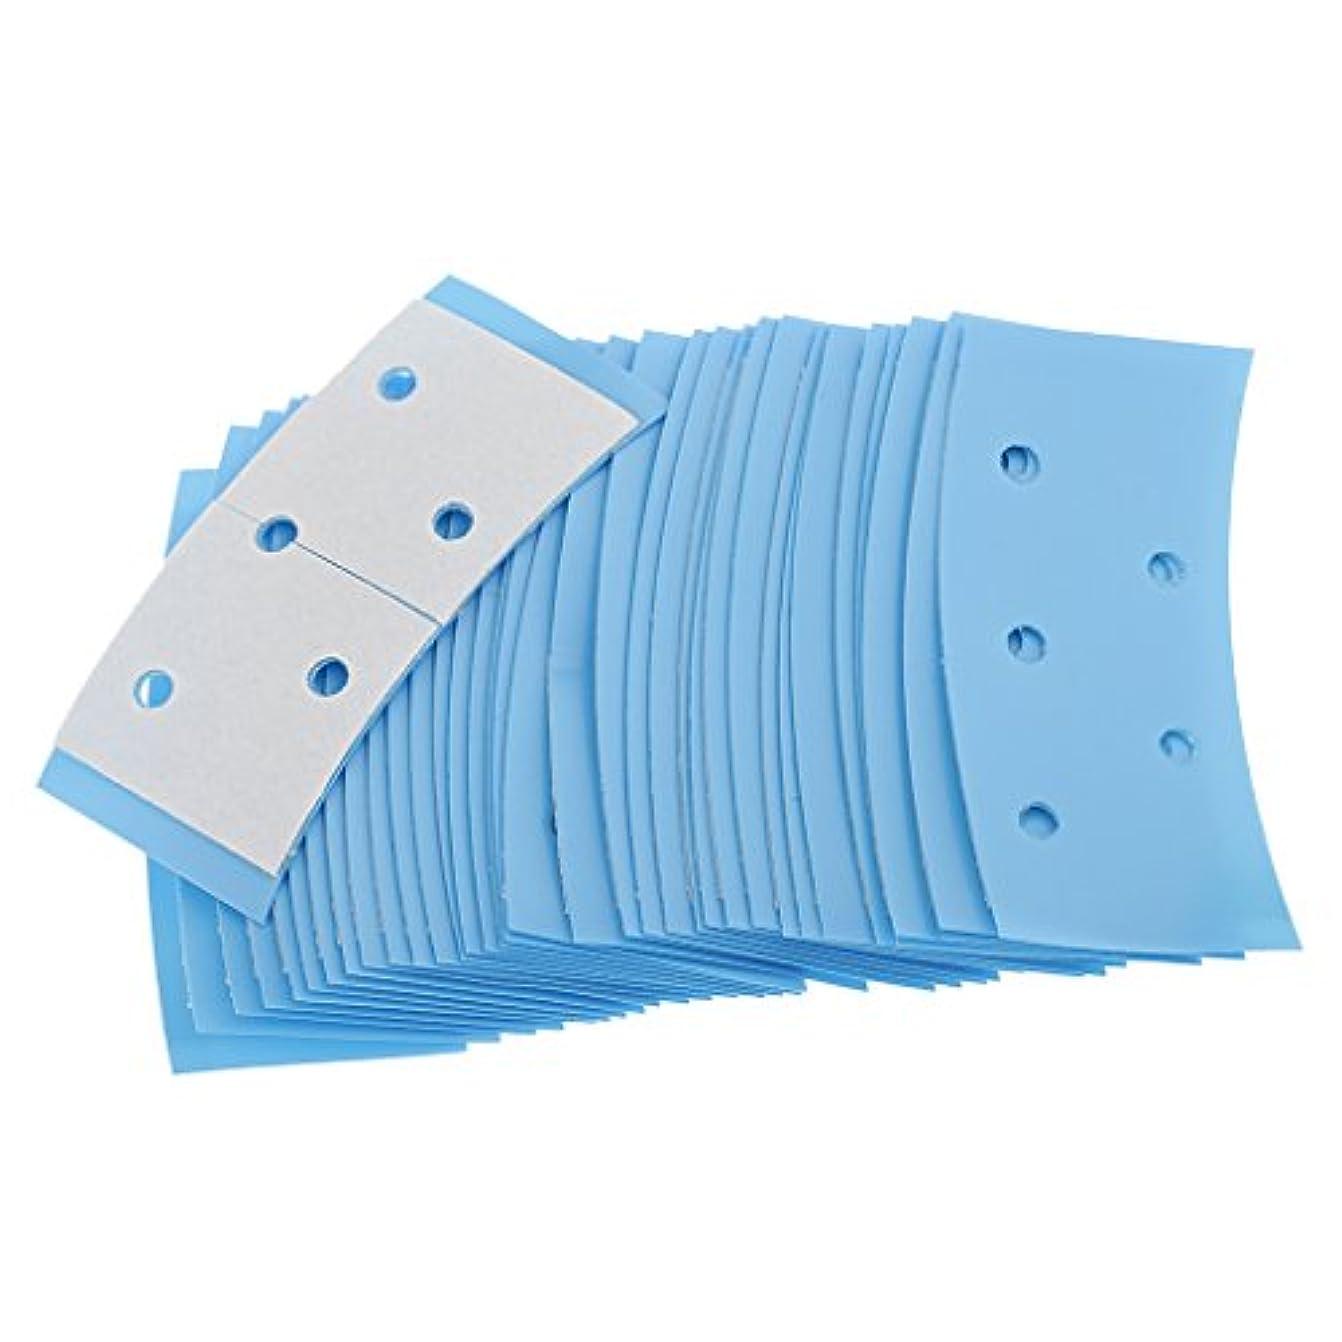 取得する診断する曲げるDYNWAVE 両面接着テープ ヘアシステムテープ ダブルサイド かつら用 超強力持ち 約36枚